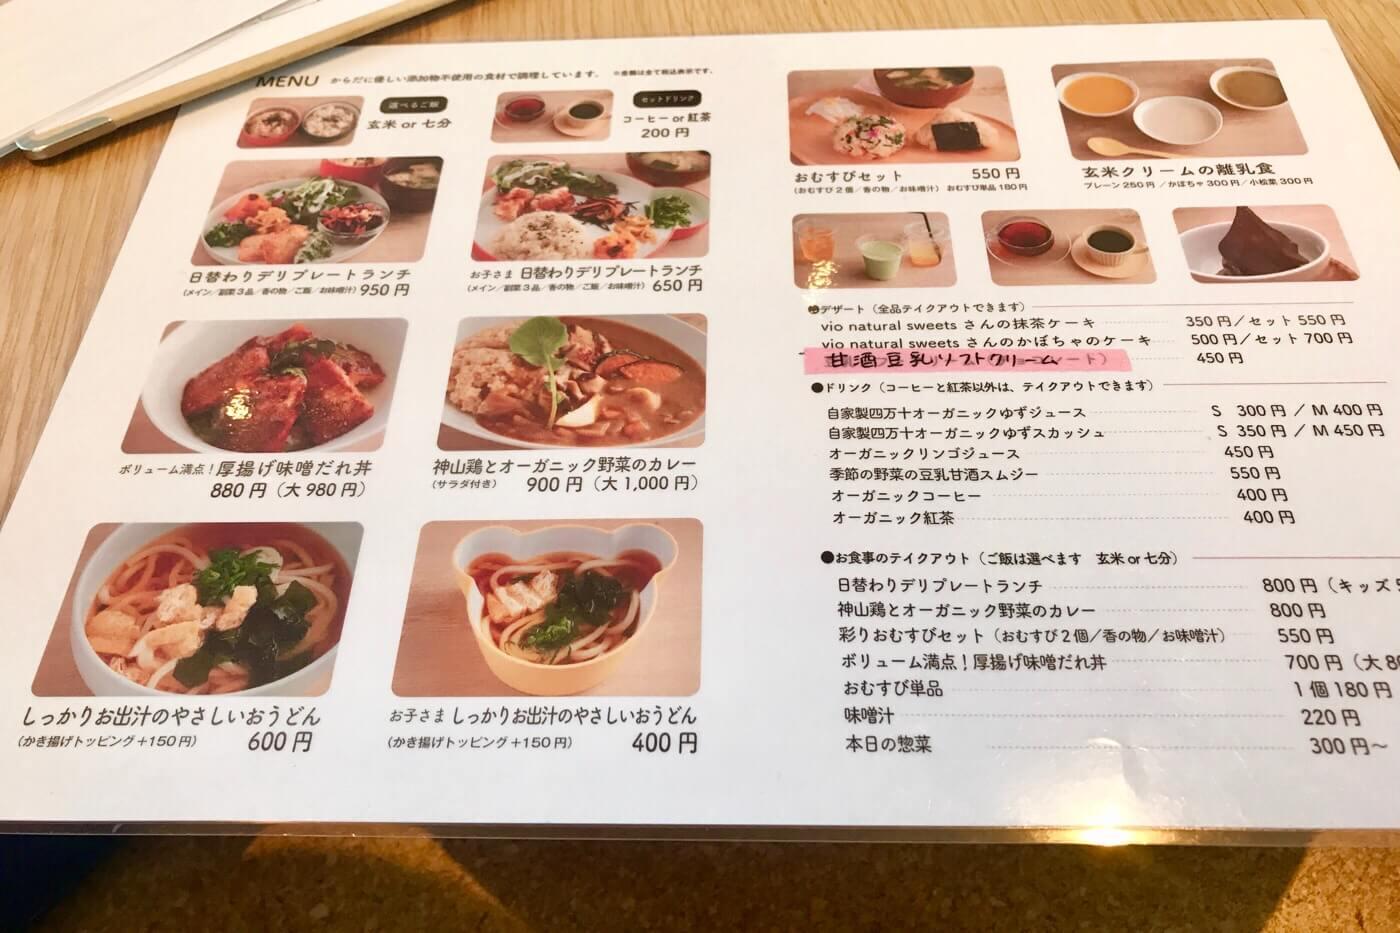 高知蔦屋書店 親子カフェ オーガニックスタイルキッチンのメニュー